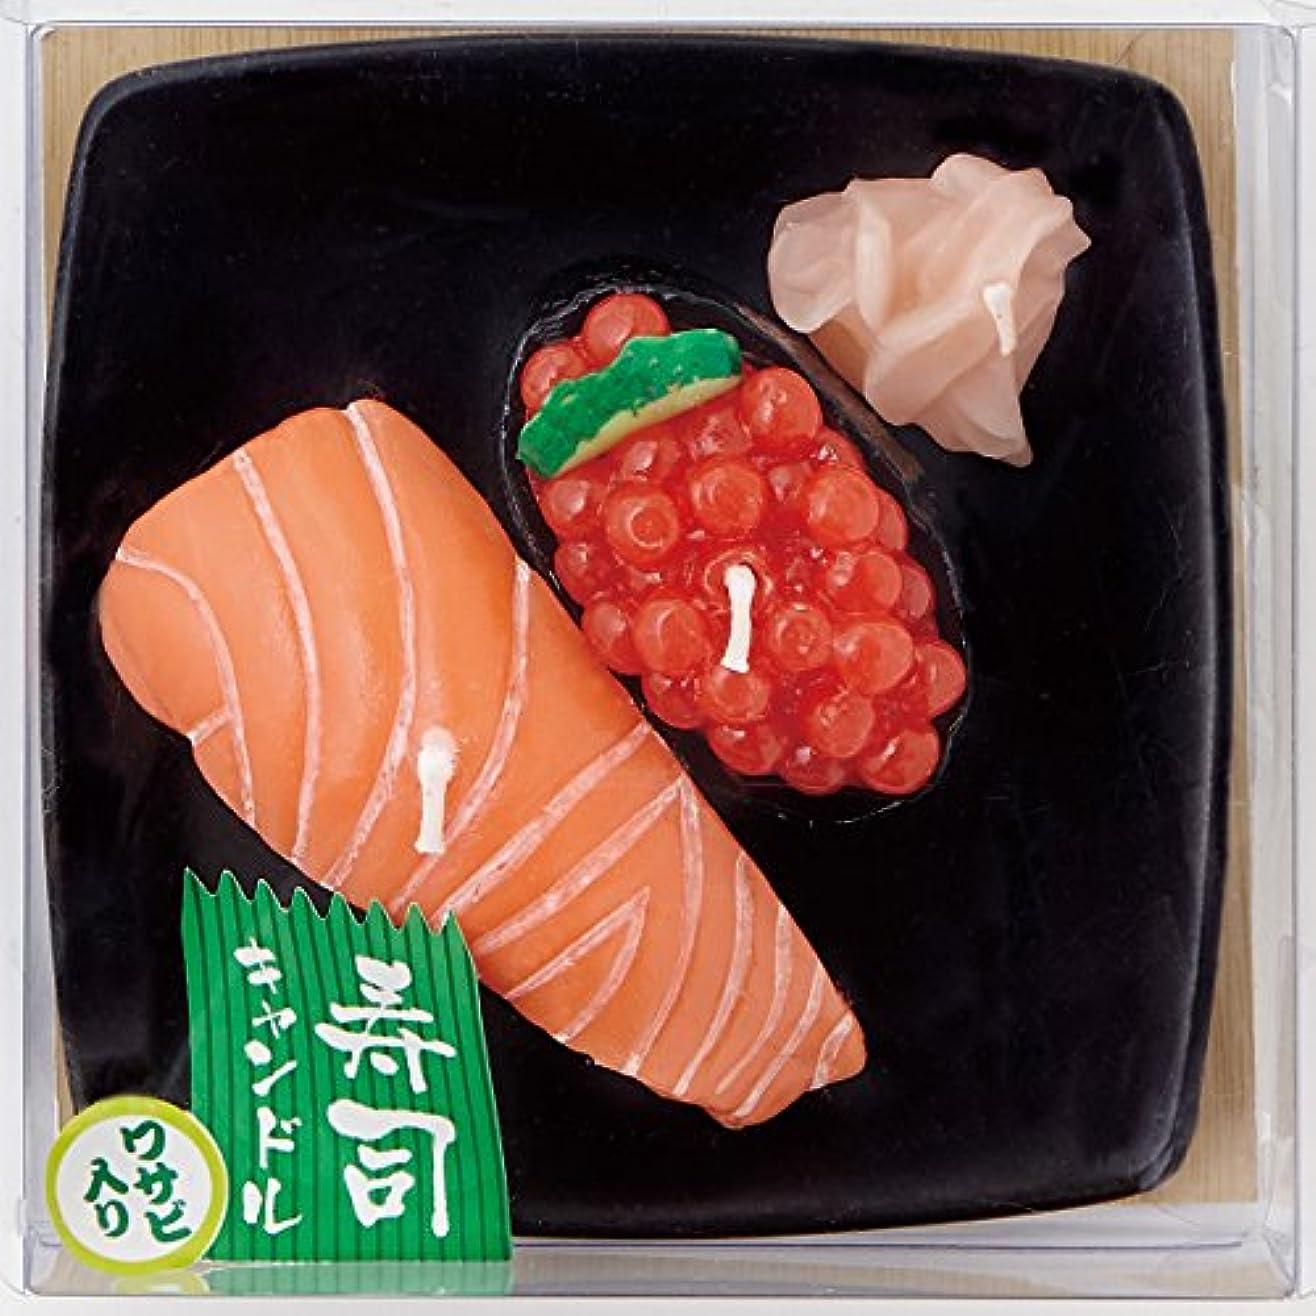 組み込む山積みのしっとり寿司キャンドル D(サーモン?イクラ) サビ入